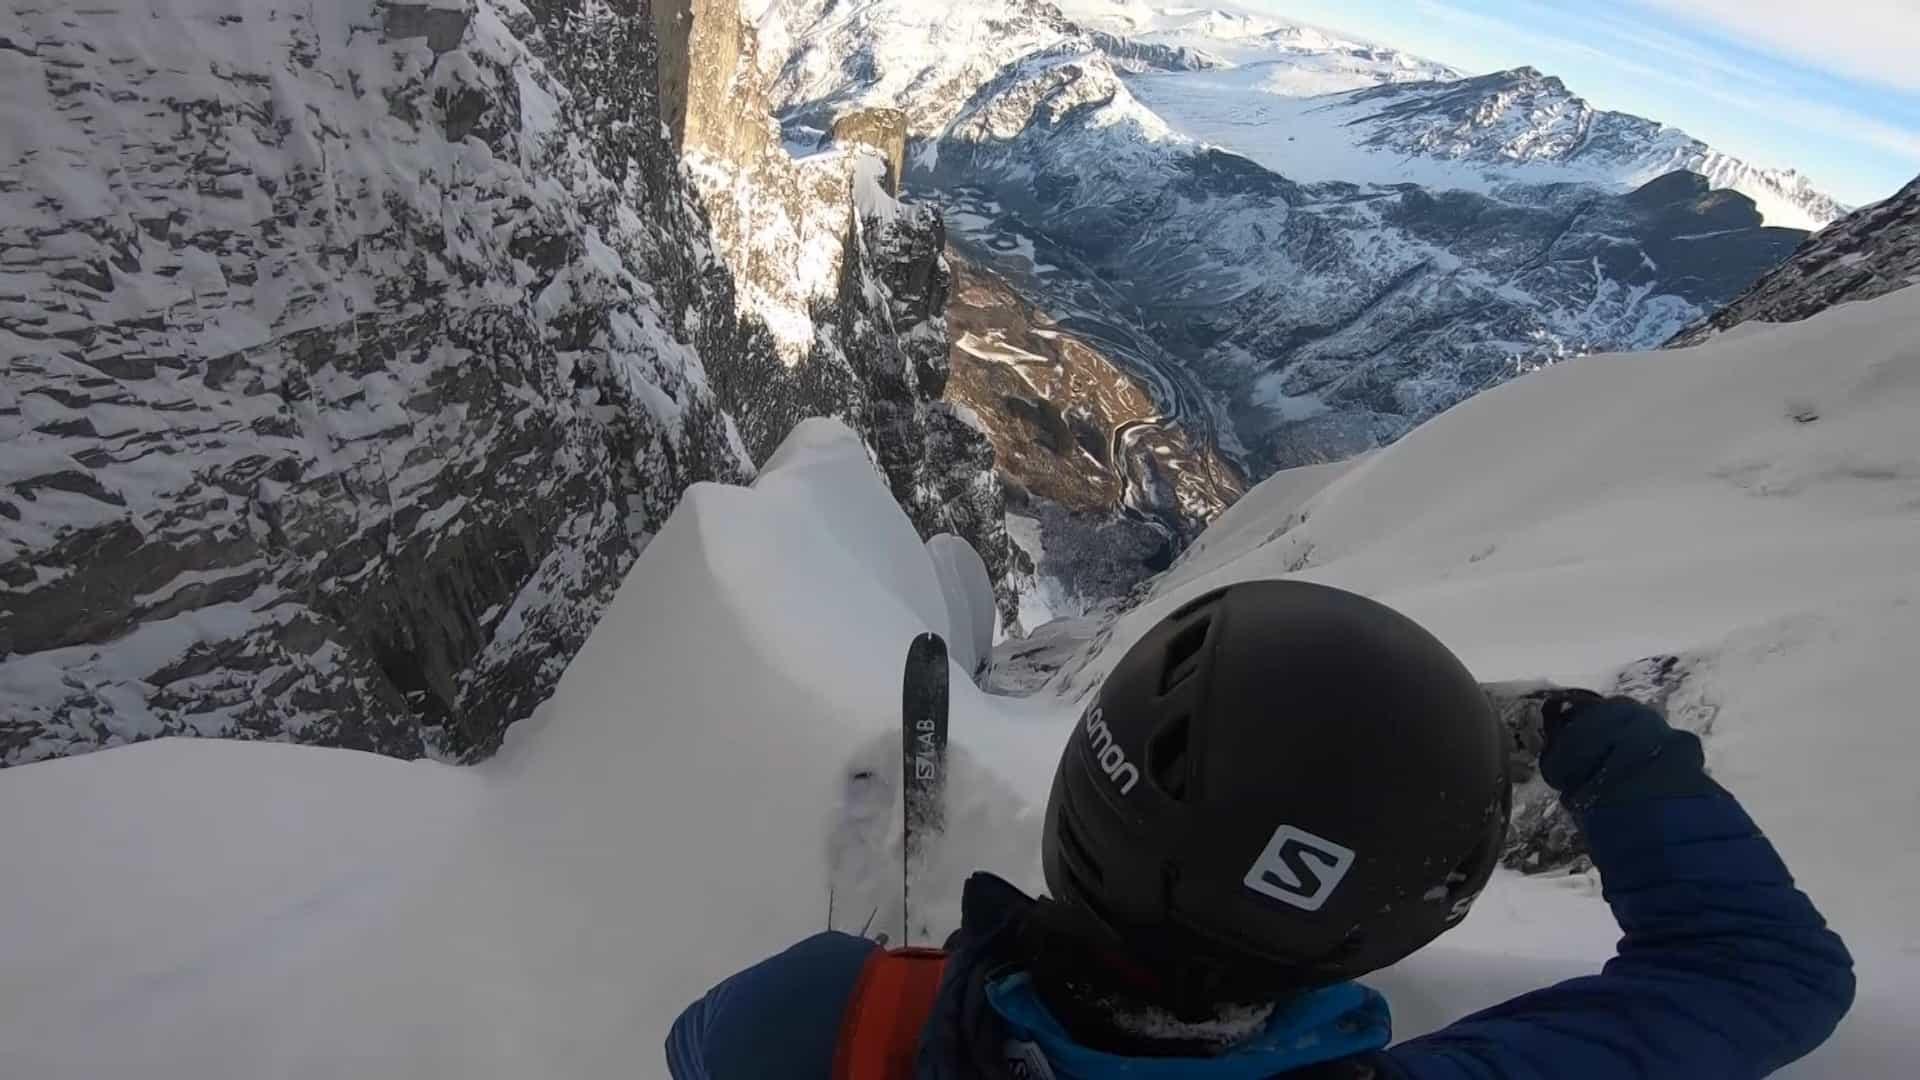 Esquiador desce parede de rocha mais alta da Europa